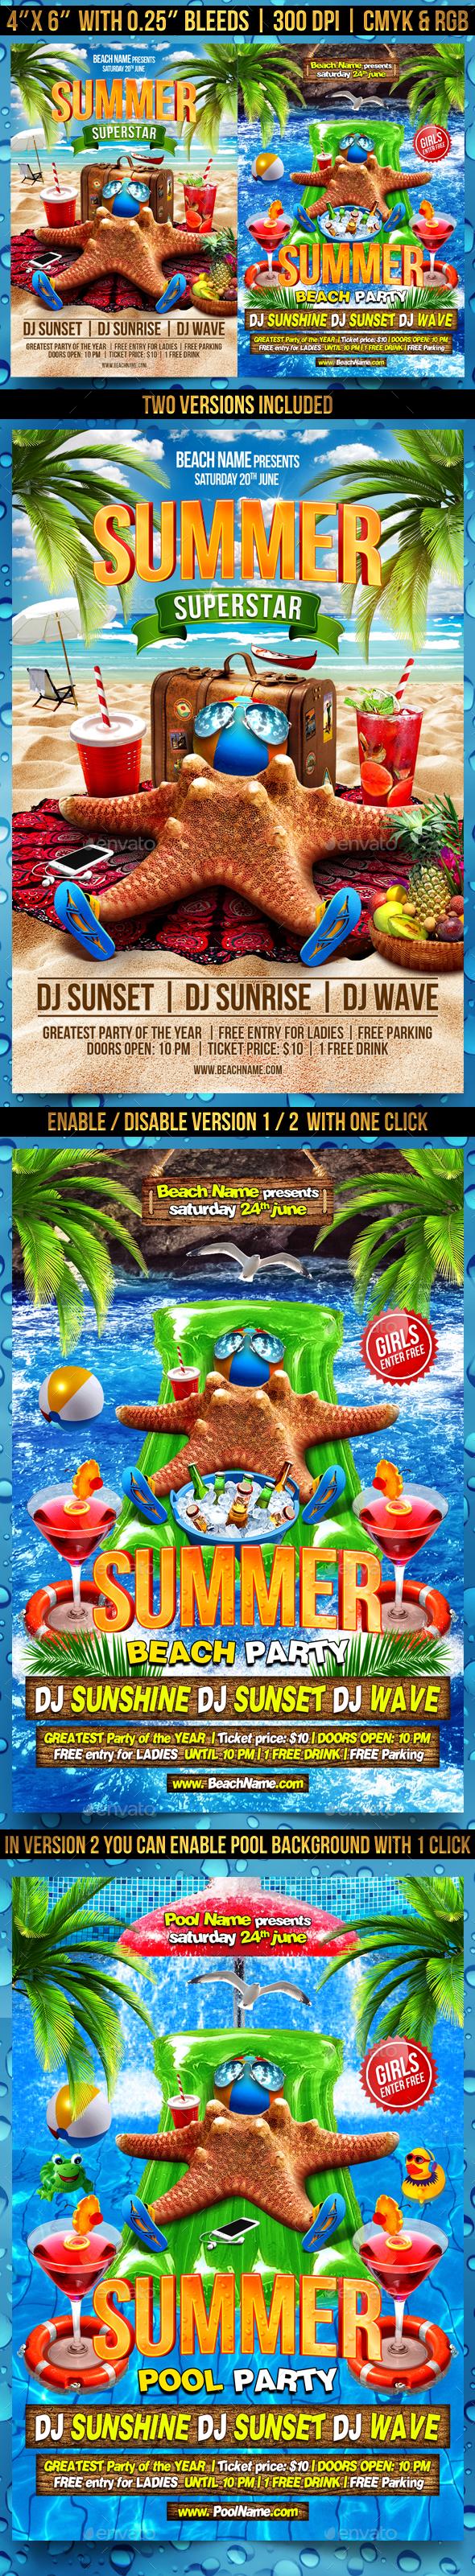 Summer Superstar Flyer Template - Clubs & Parties Events